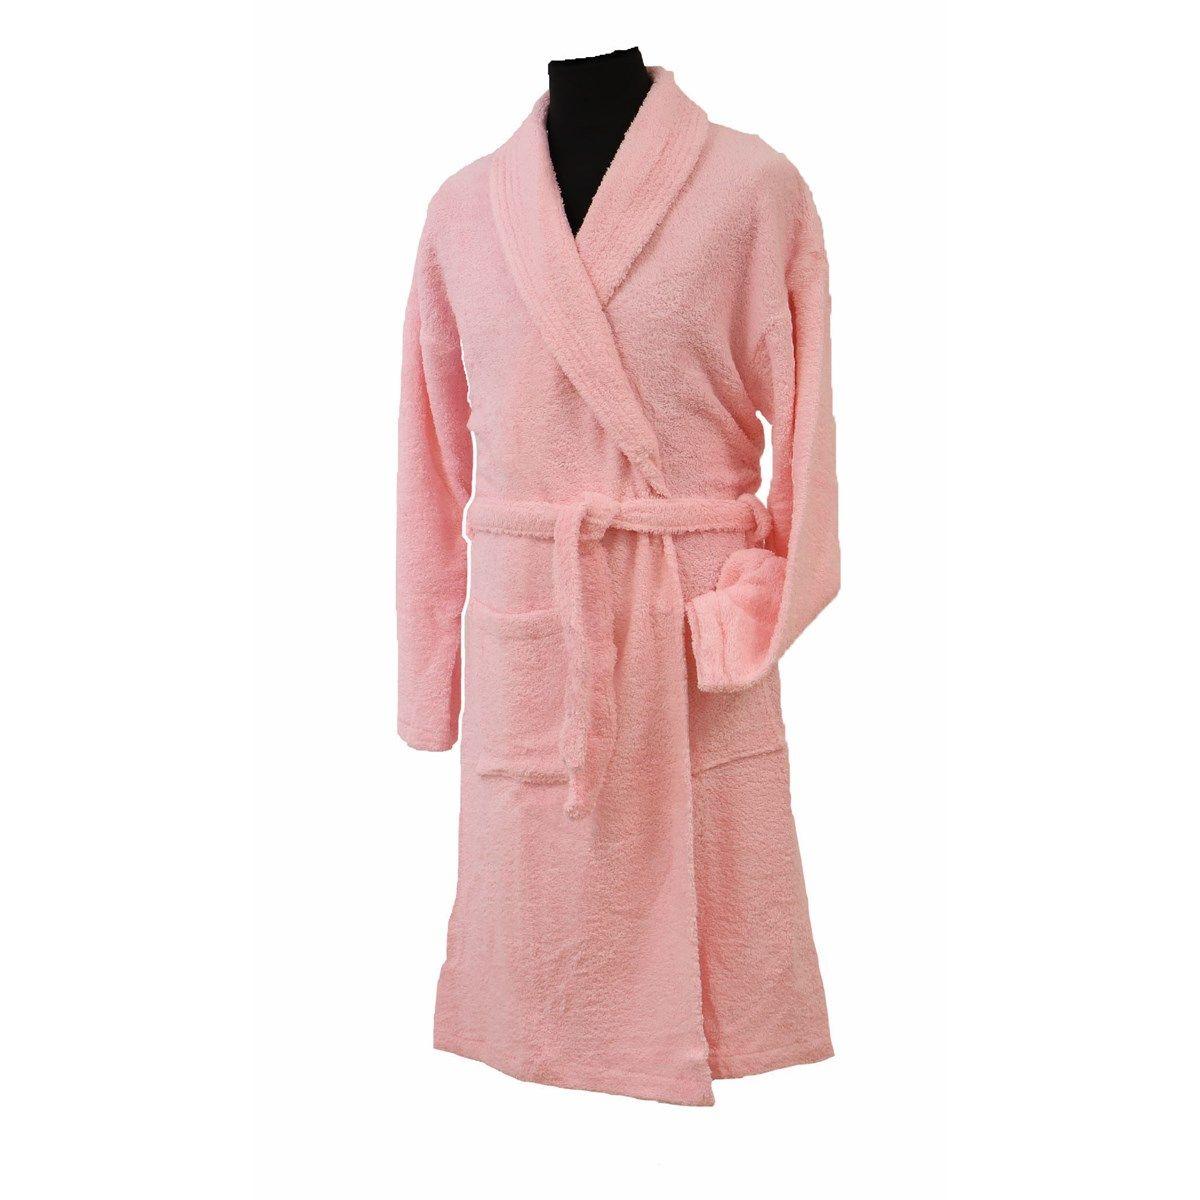 CONFORT - Peignoir mixte col chale coton rose pastel XL (photo)